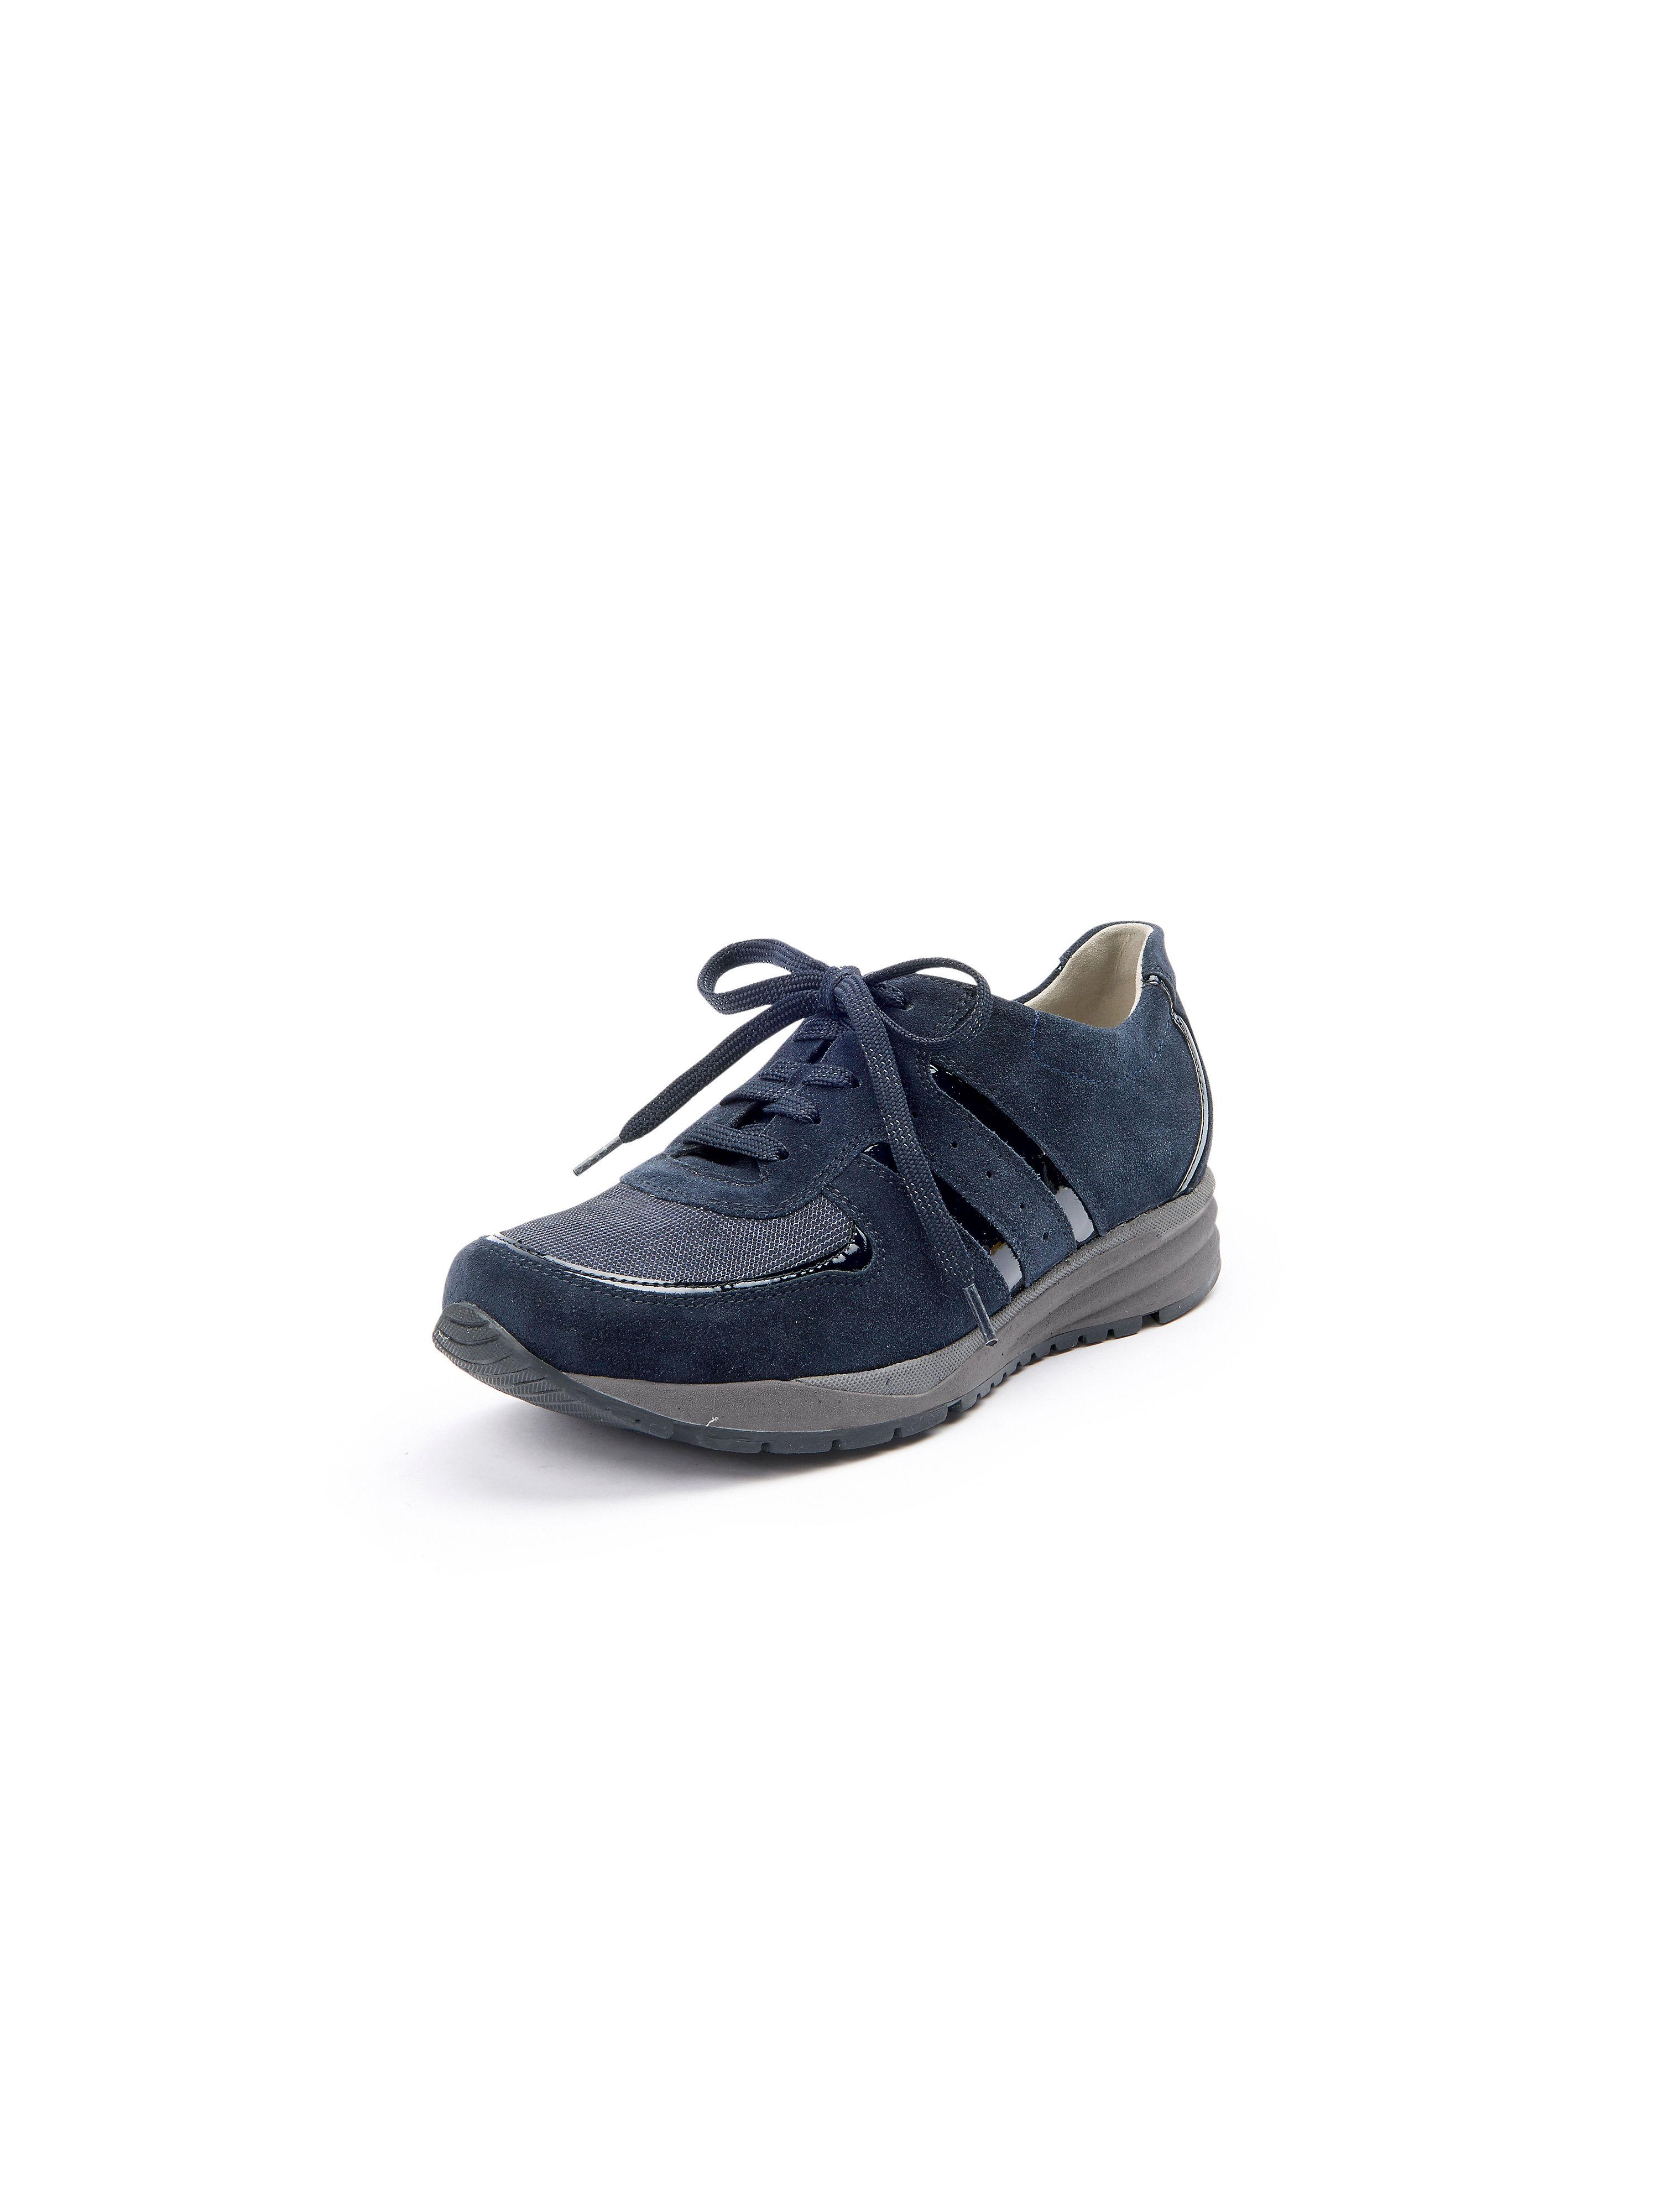 Sneakers Van blauw Eastbay Online Te Koop CUHGl